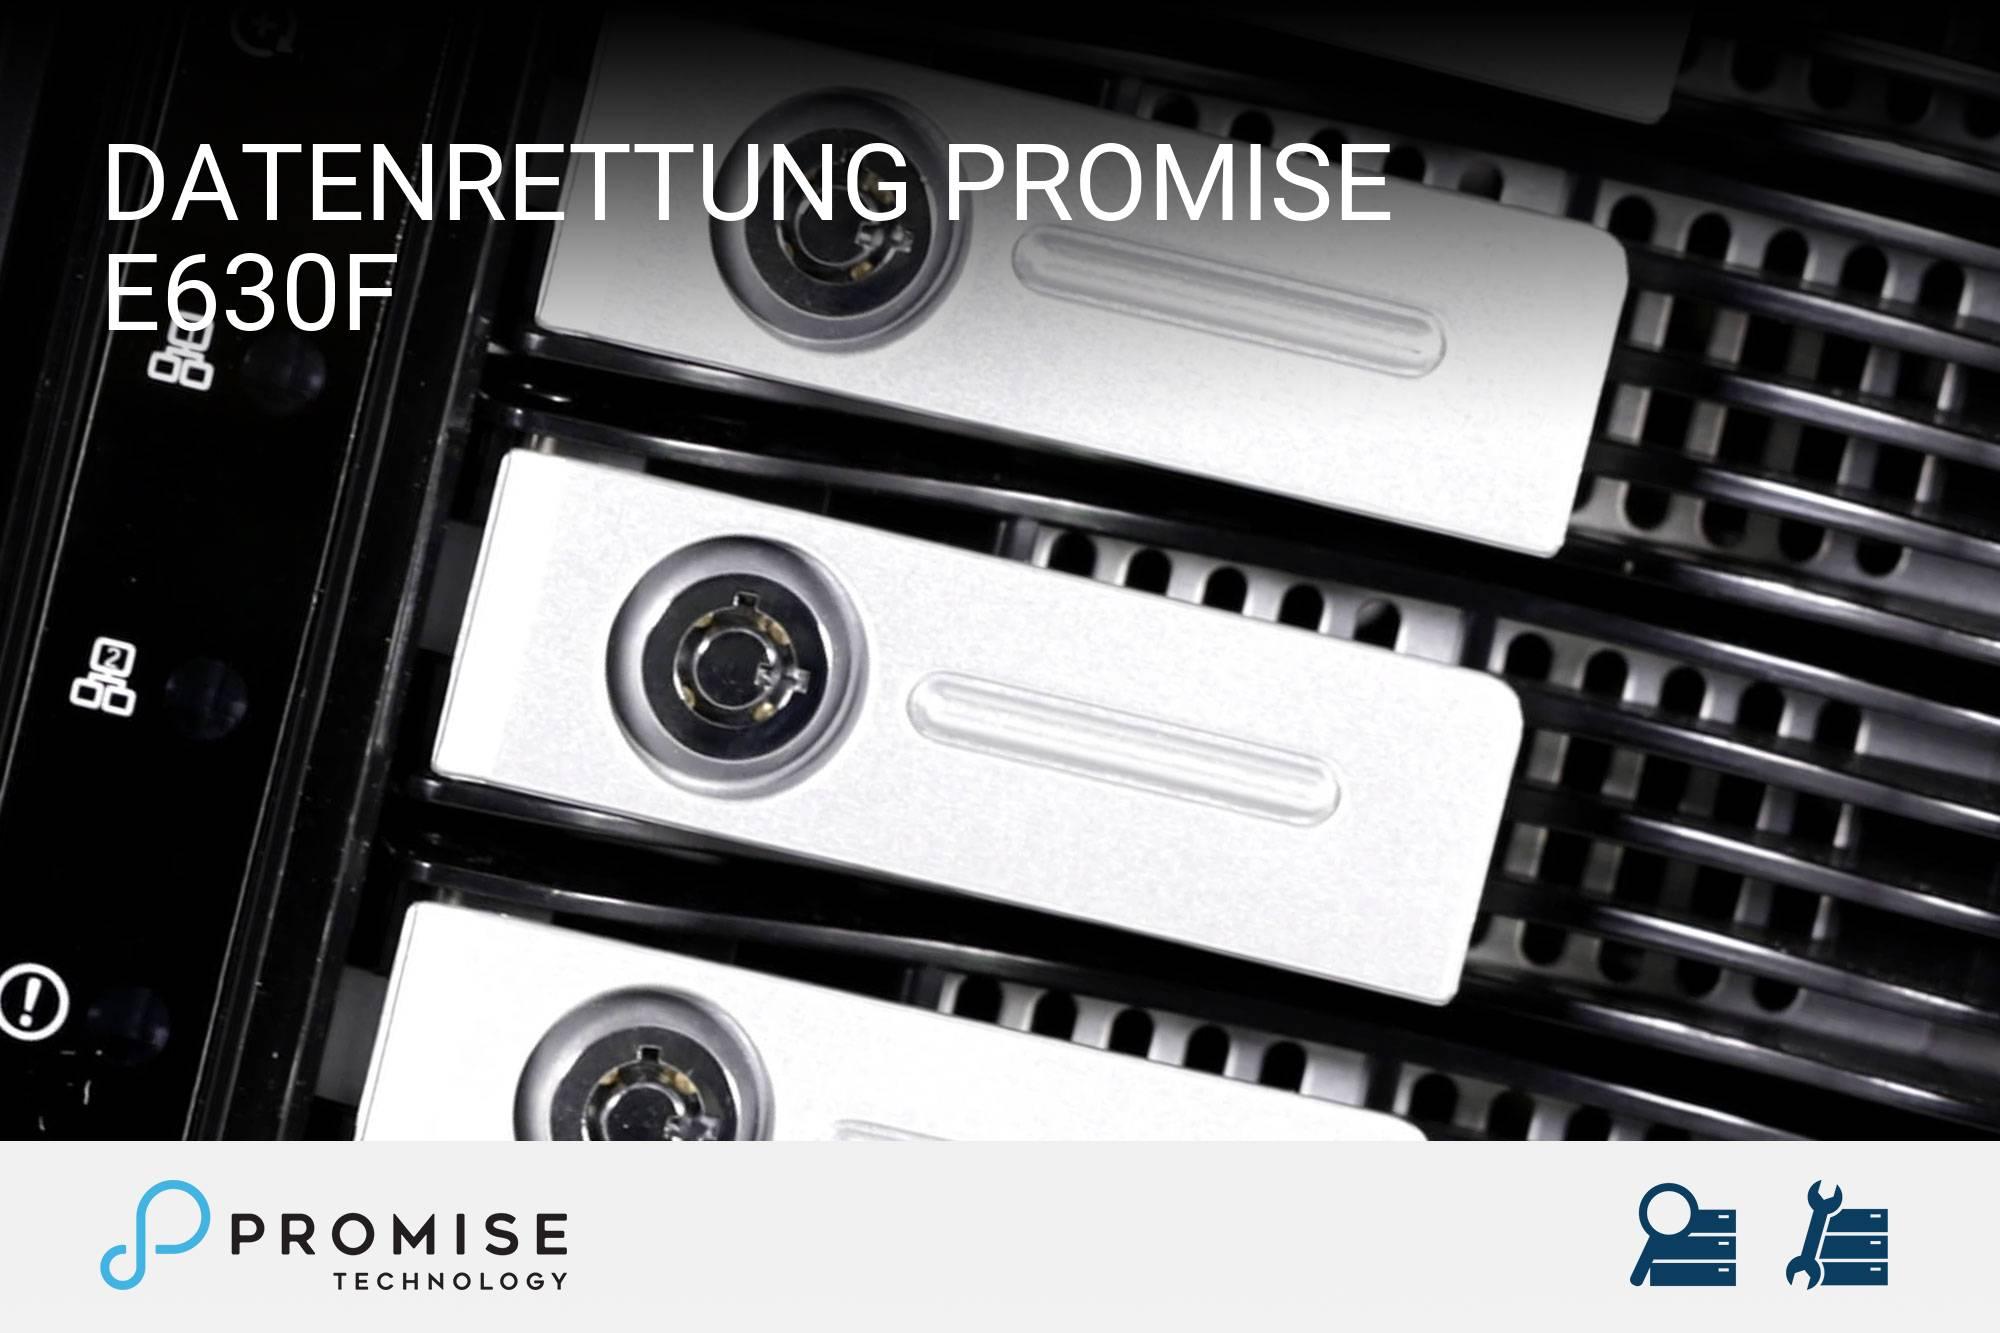 Promise E630f